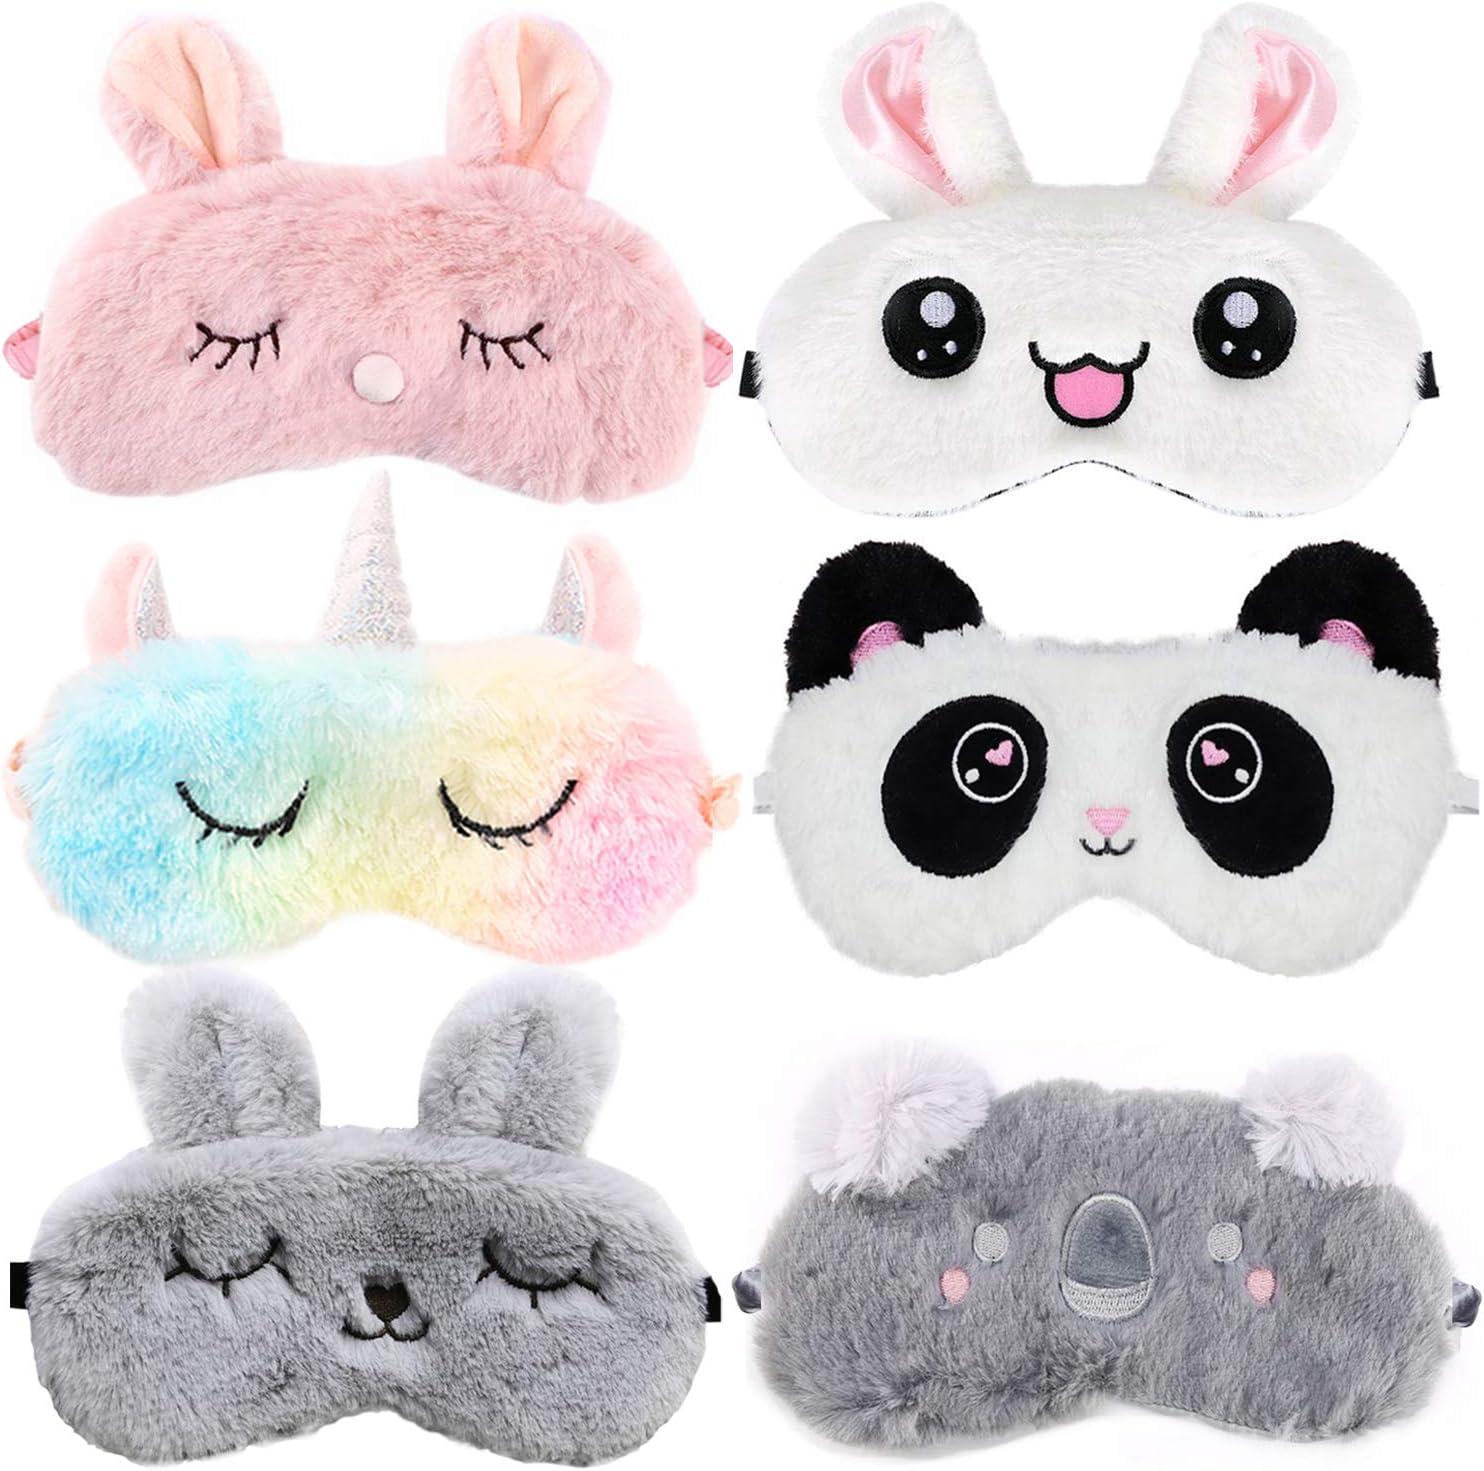 Antifaz para Dormir, ZOYLINK 6 Piezas Mascara para Dormir Antifaz Unicornio Antifaces Máscara para Niños,Niñas, Mujeres Mascara de Ojos Divertido Animal 3D Sueño Antifaz Viajes Resto